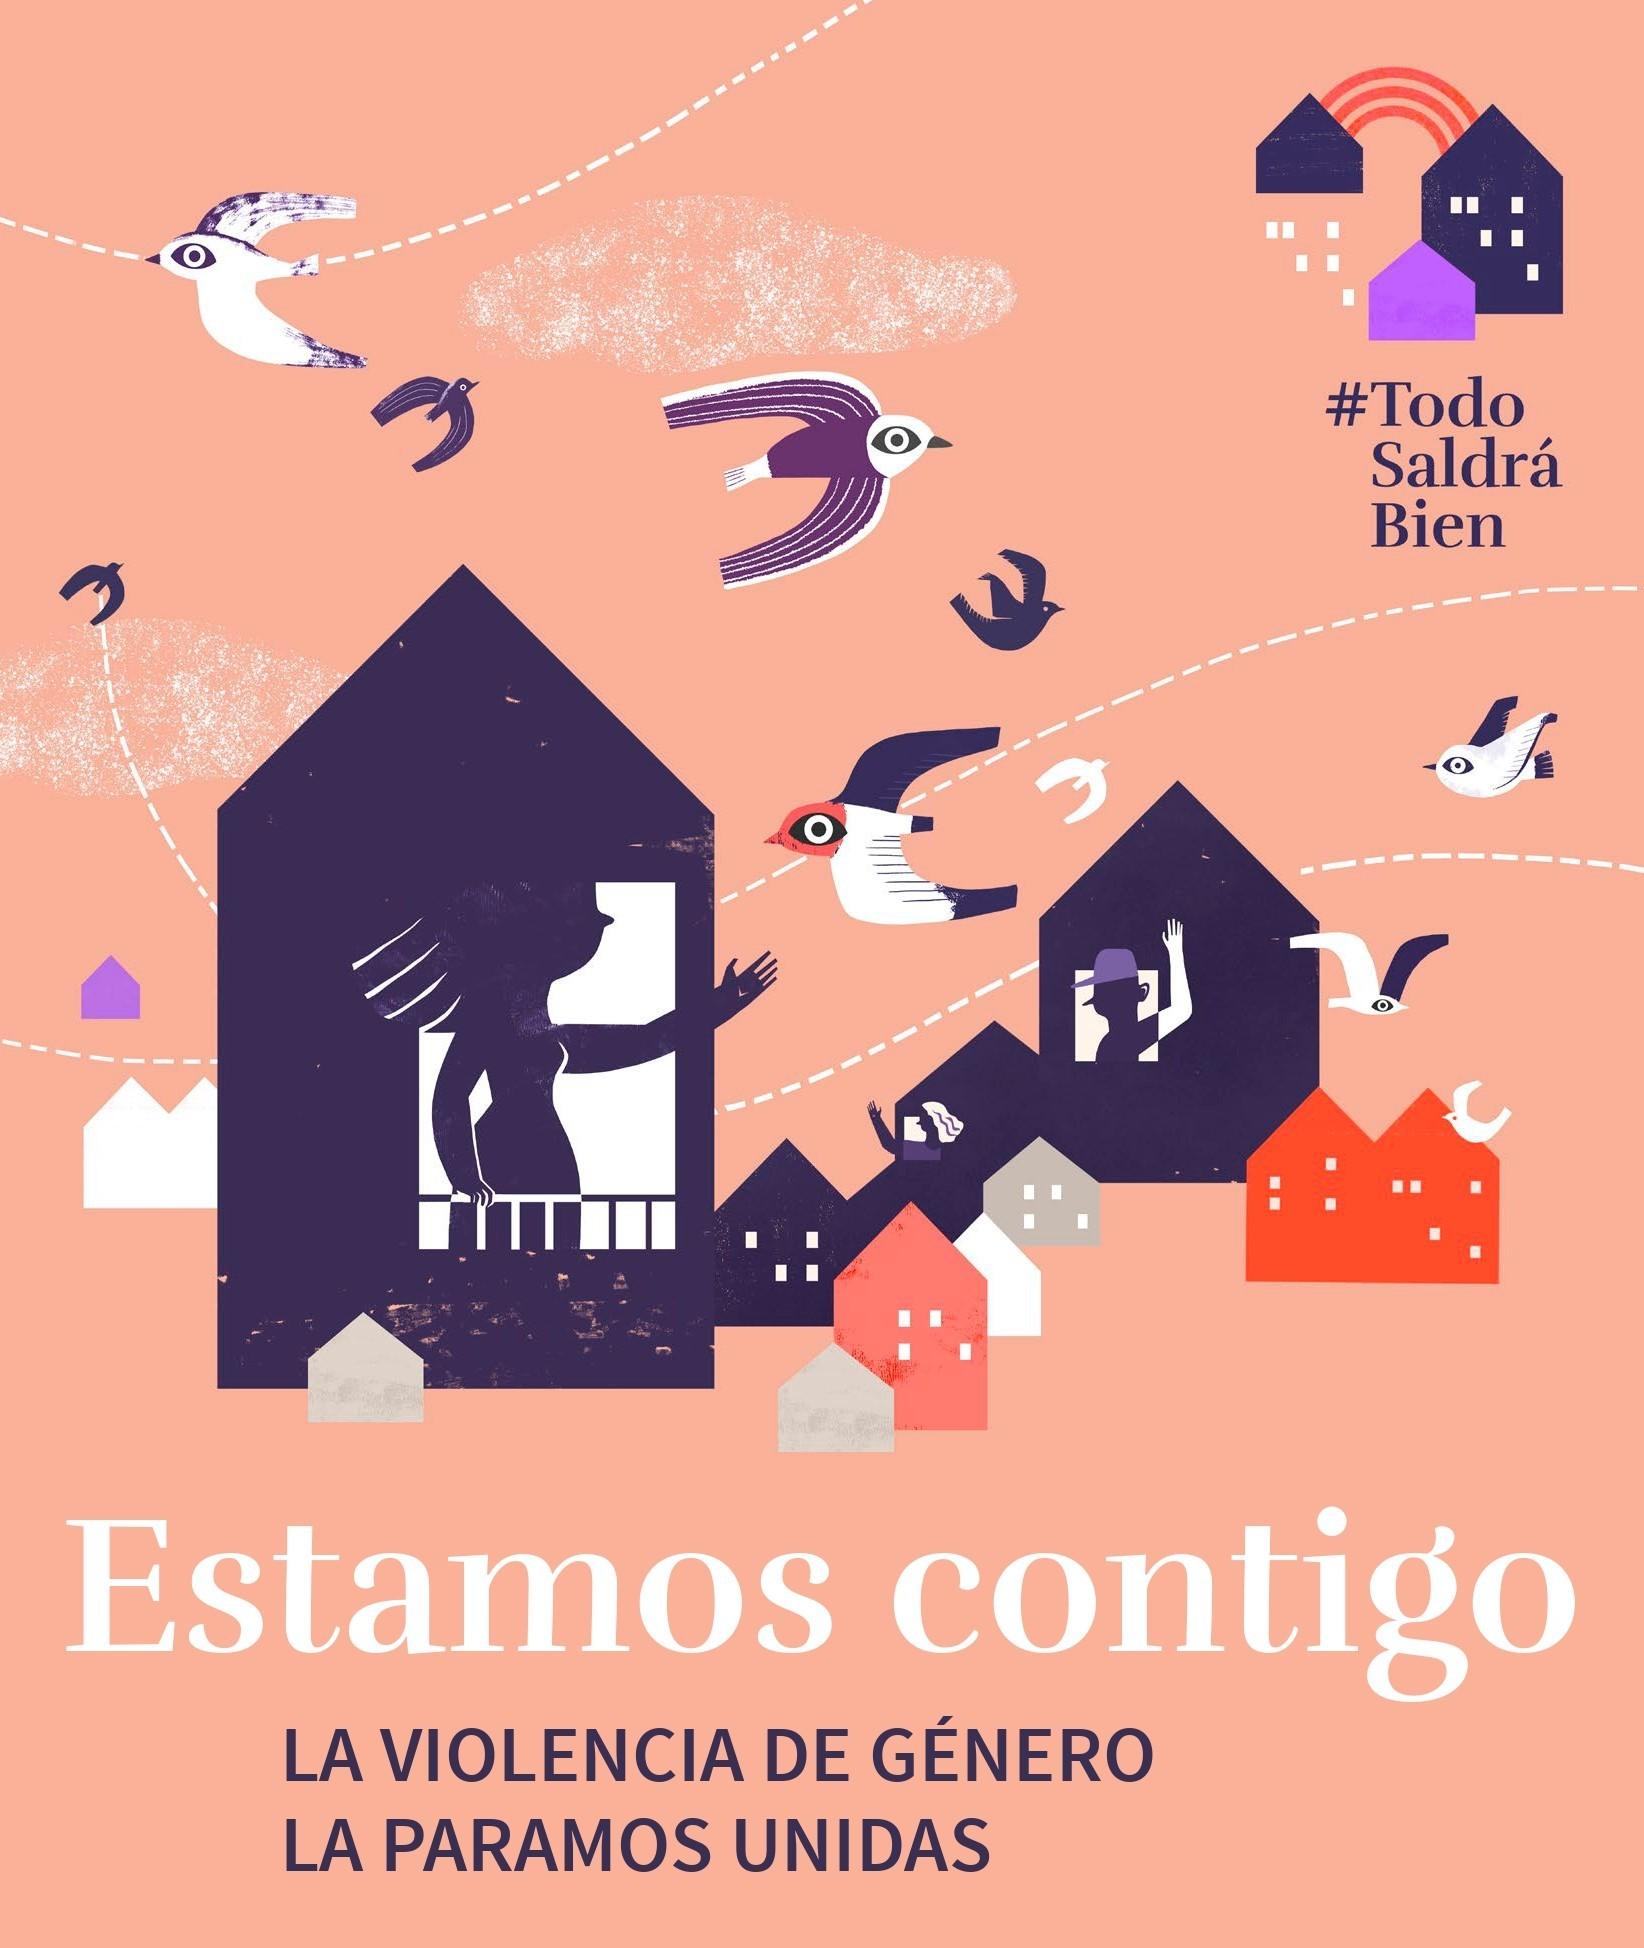 """Las víctimas de violencia de género  """"no están solas"""" pese al confinamiento en sus casas por el estado de alarma sanitaria por coronavirus"""""""